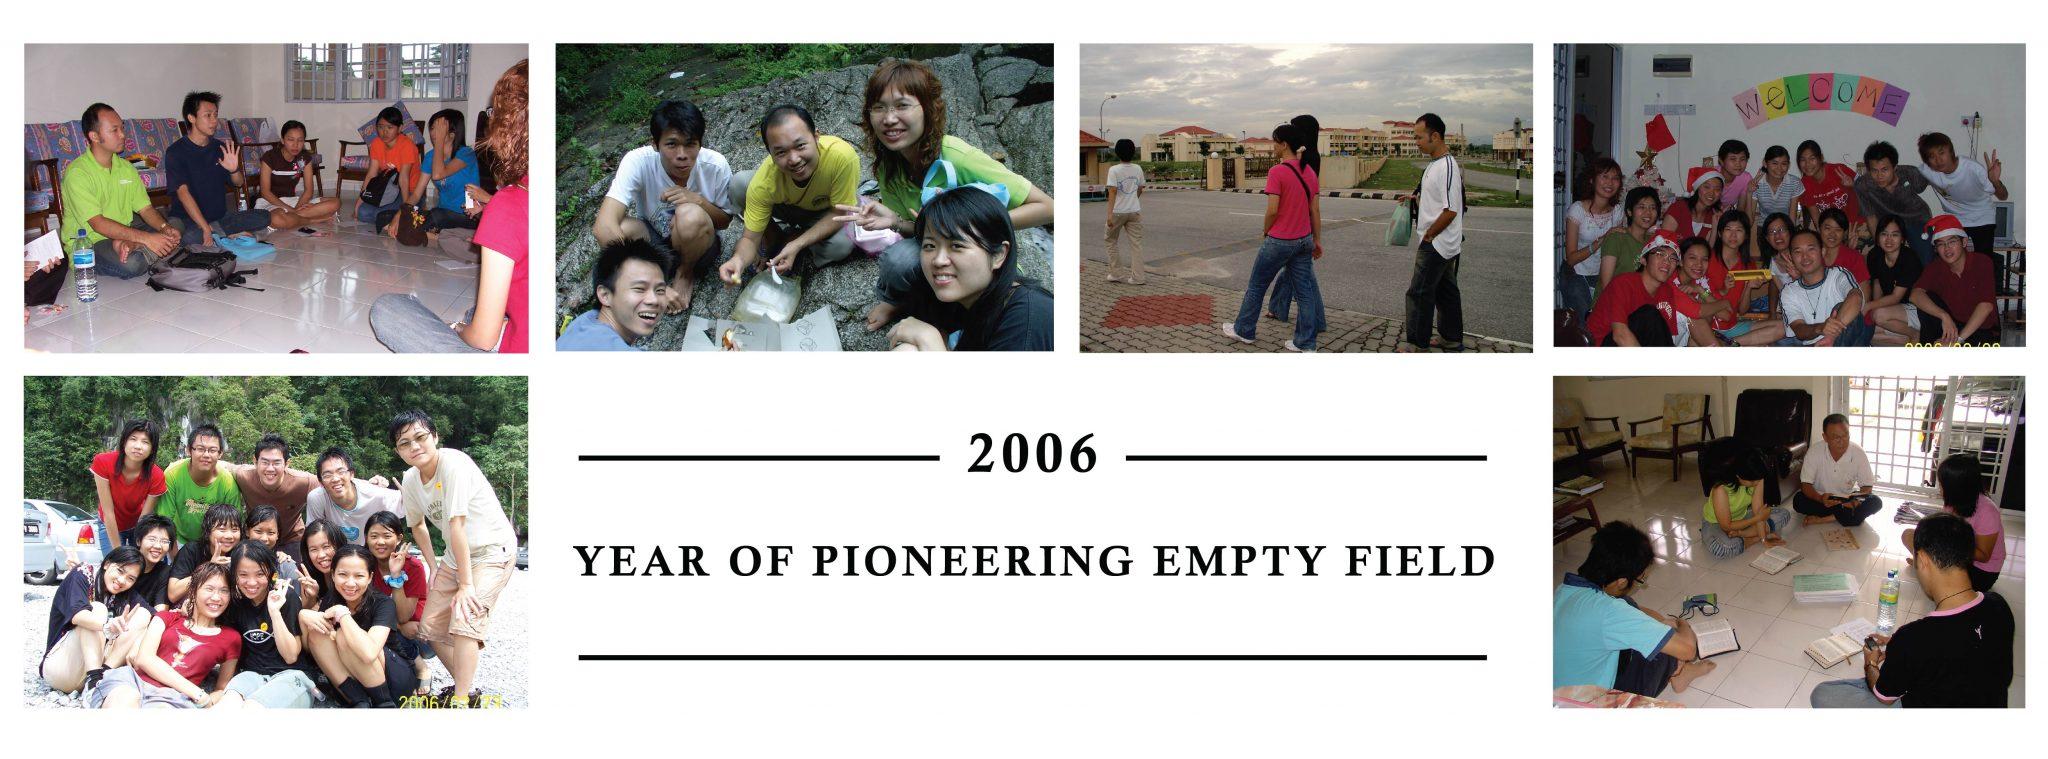 2006 Year of Pioneering Empty Field